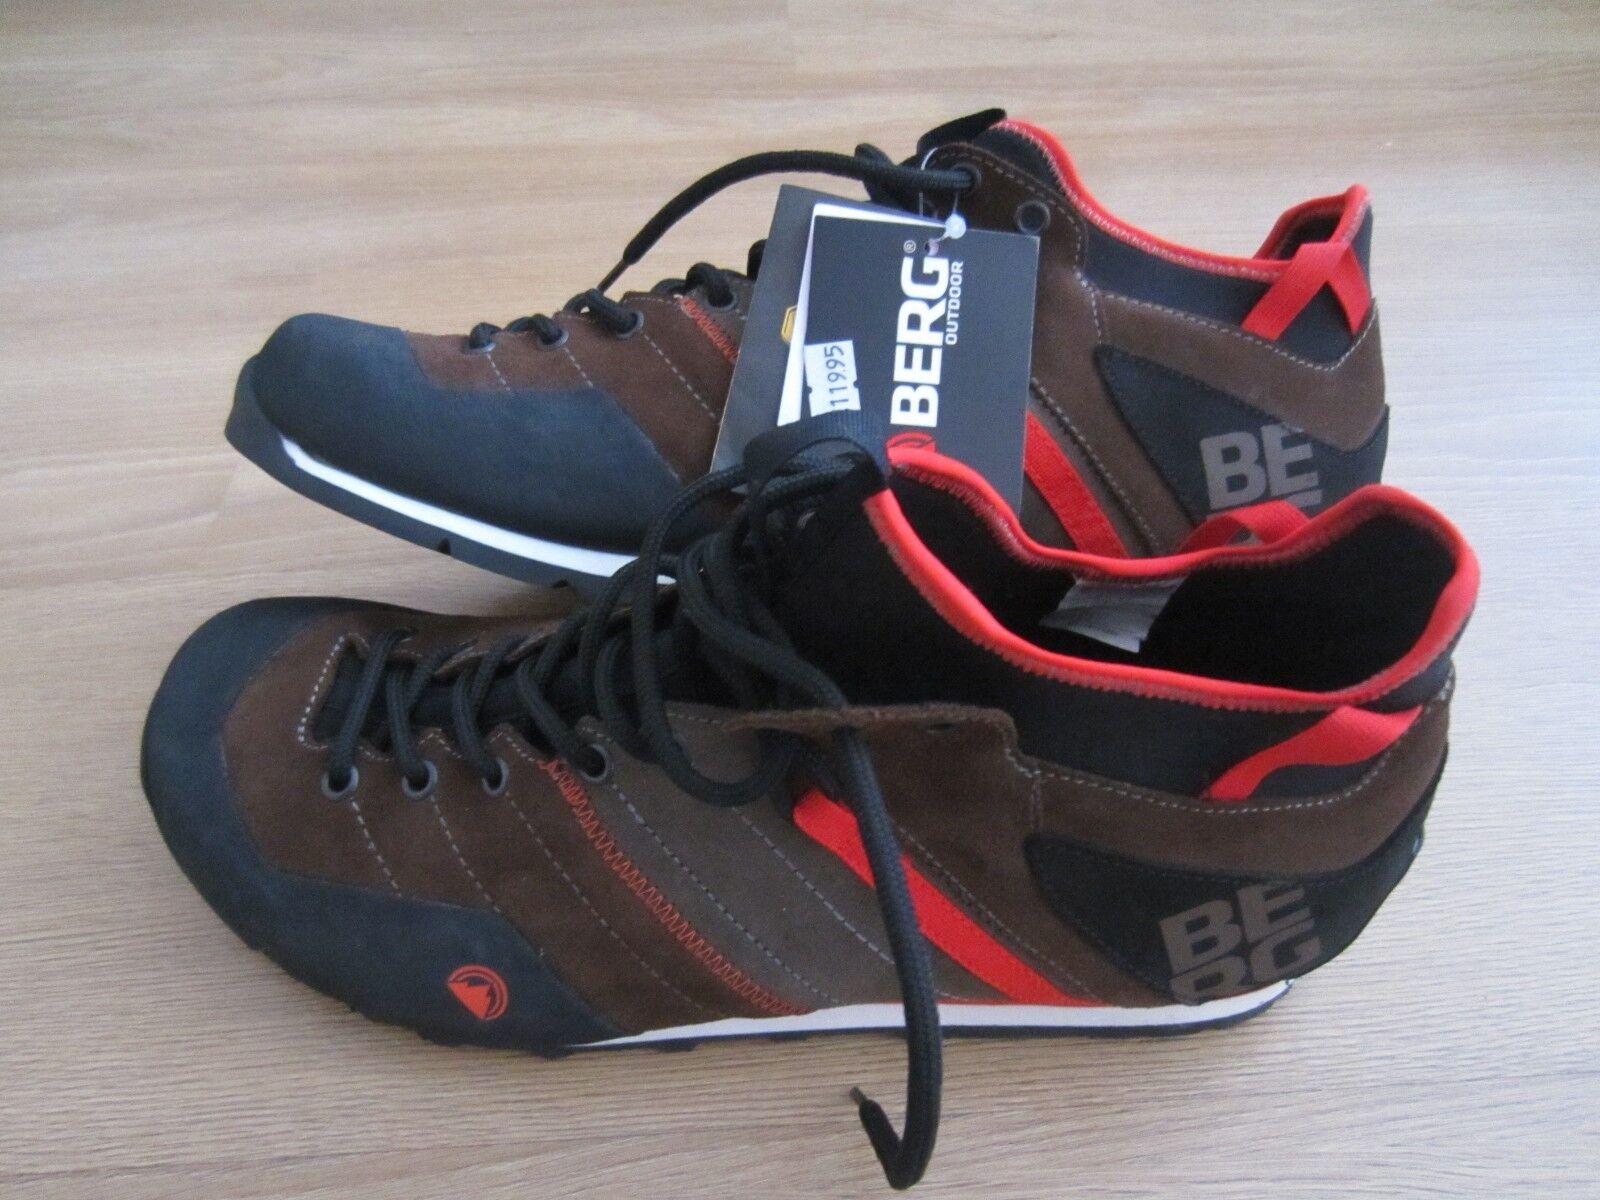 Neu BERG Uncia Outdoor Herren Schuhe Men shoes sneakers EUR 46 Vibram